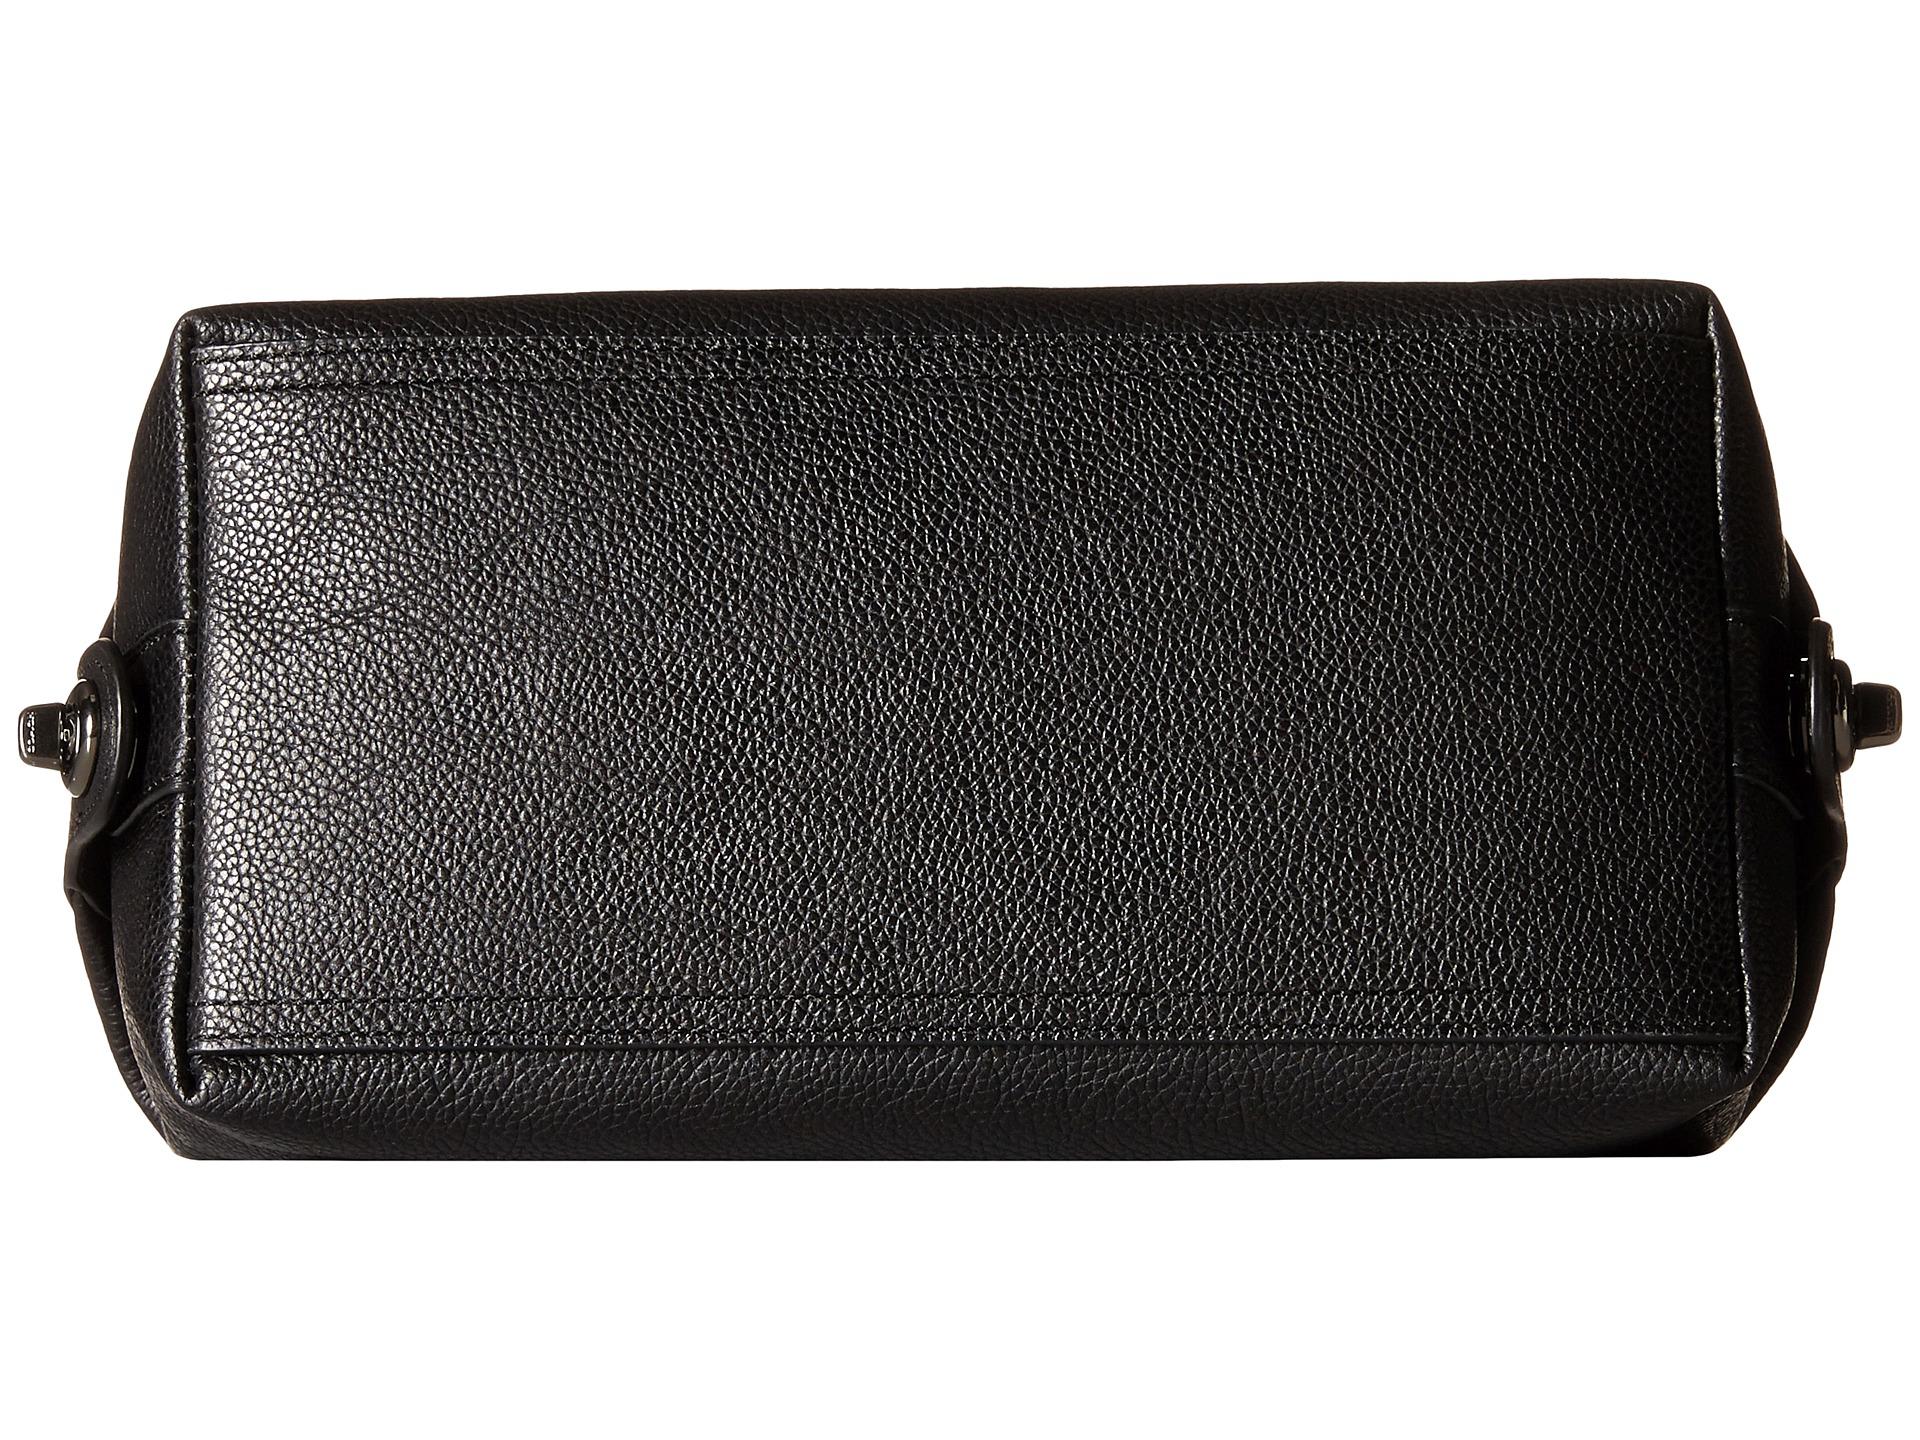 108aadaf87 Lyst - COACH Refined Pebbled Dopp Kit in Black for Men